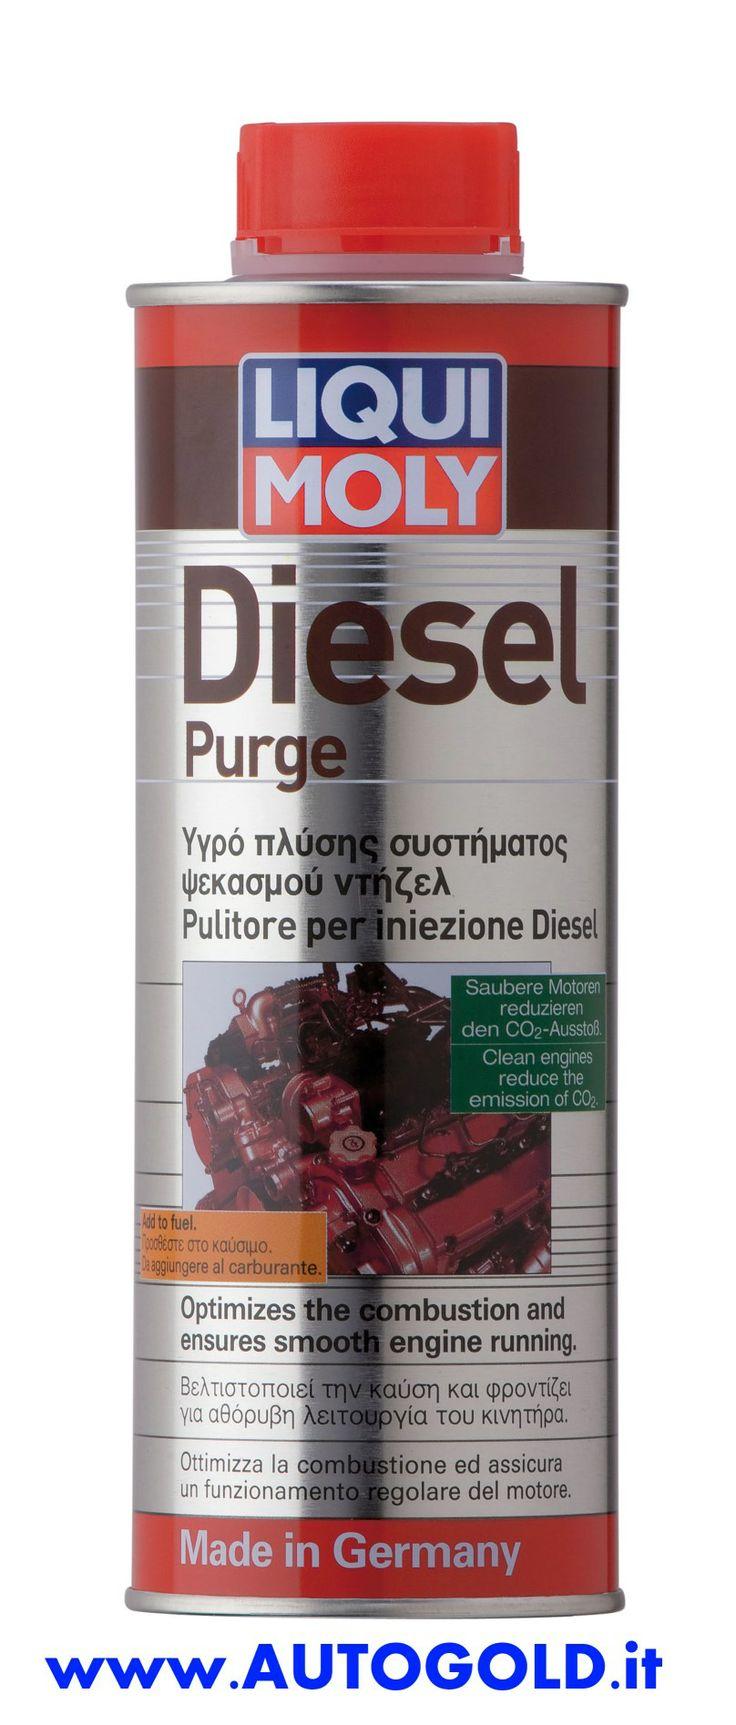 Diesel Purge: Il pulitore per iniezione diesel rimuove i depositi dagli iniettorie dai pistoni/camera di combustione. Maggiore regolarità e abbassamento dei consumi. #LiquiMoly www.autogold.it